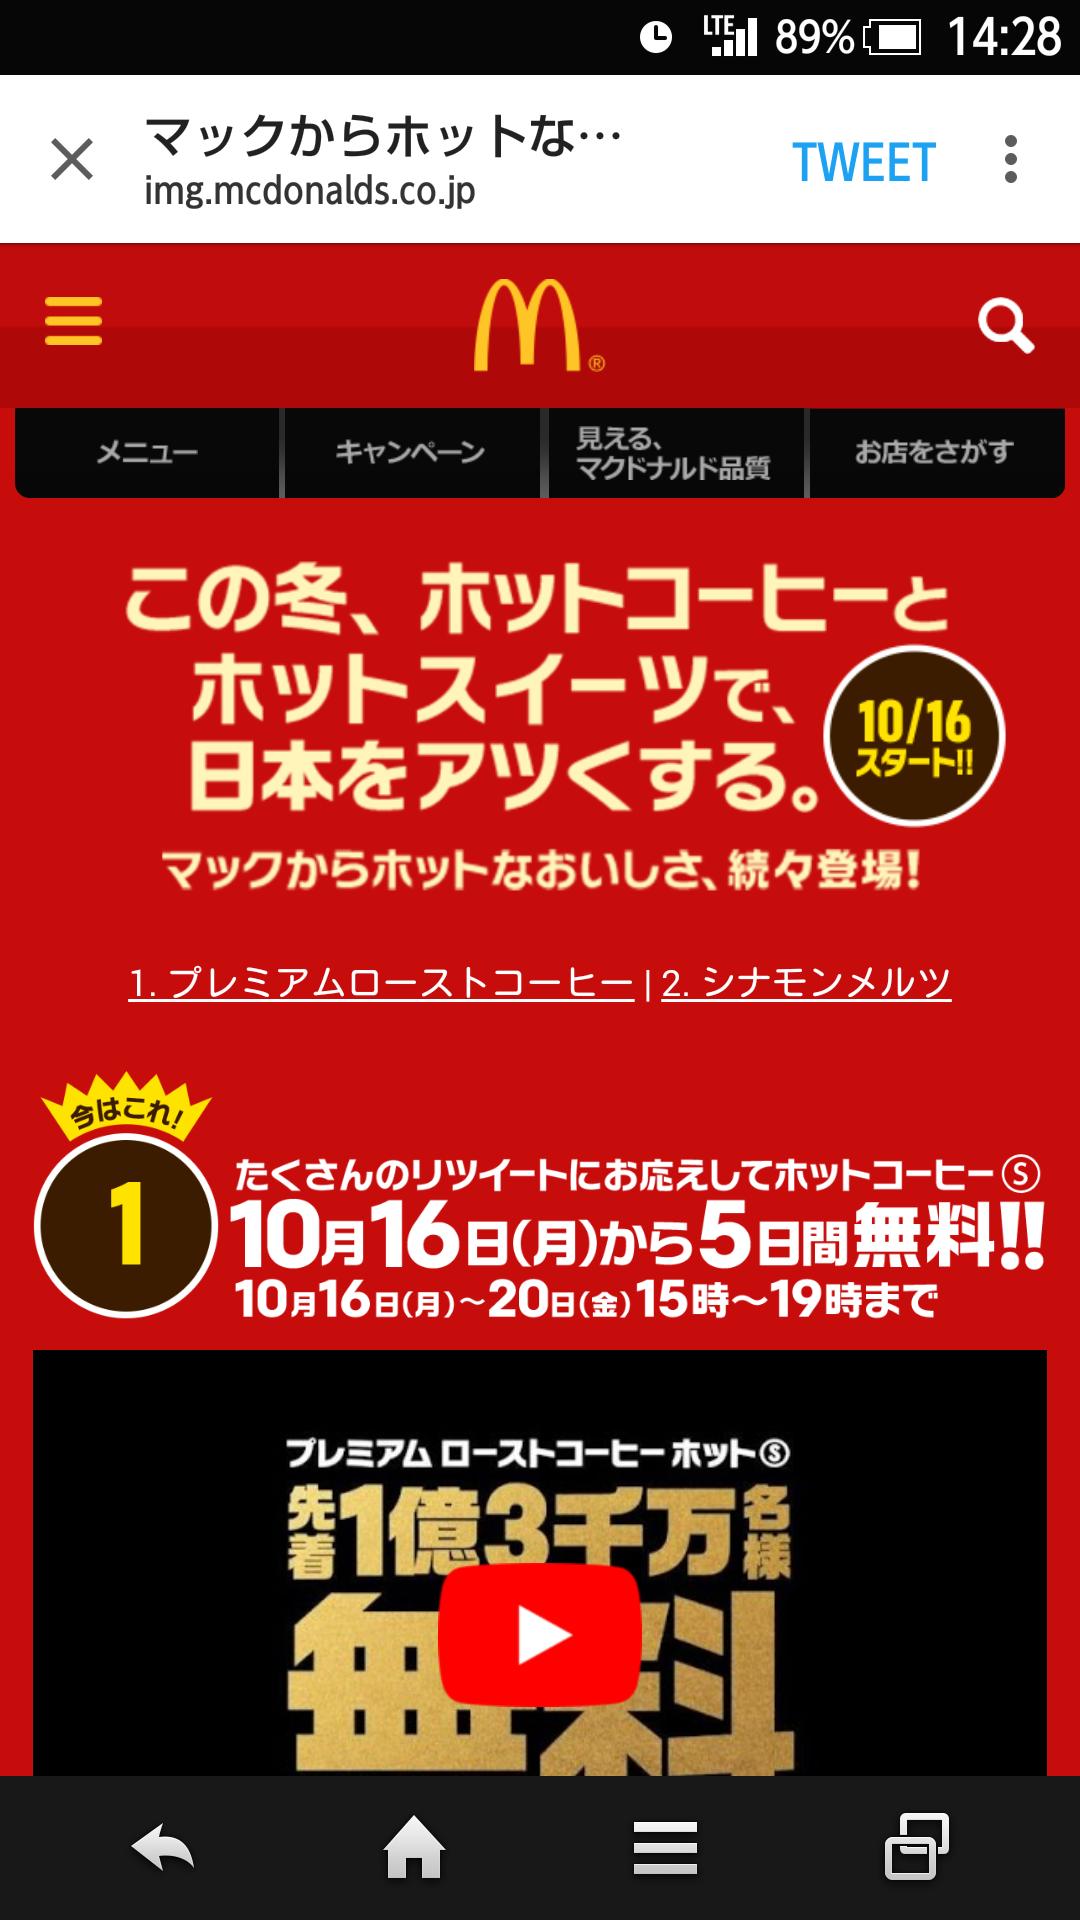 【マック】コーヒー無料配布16日~20日だよ♪※15時~19時限定